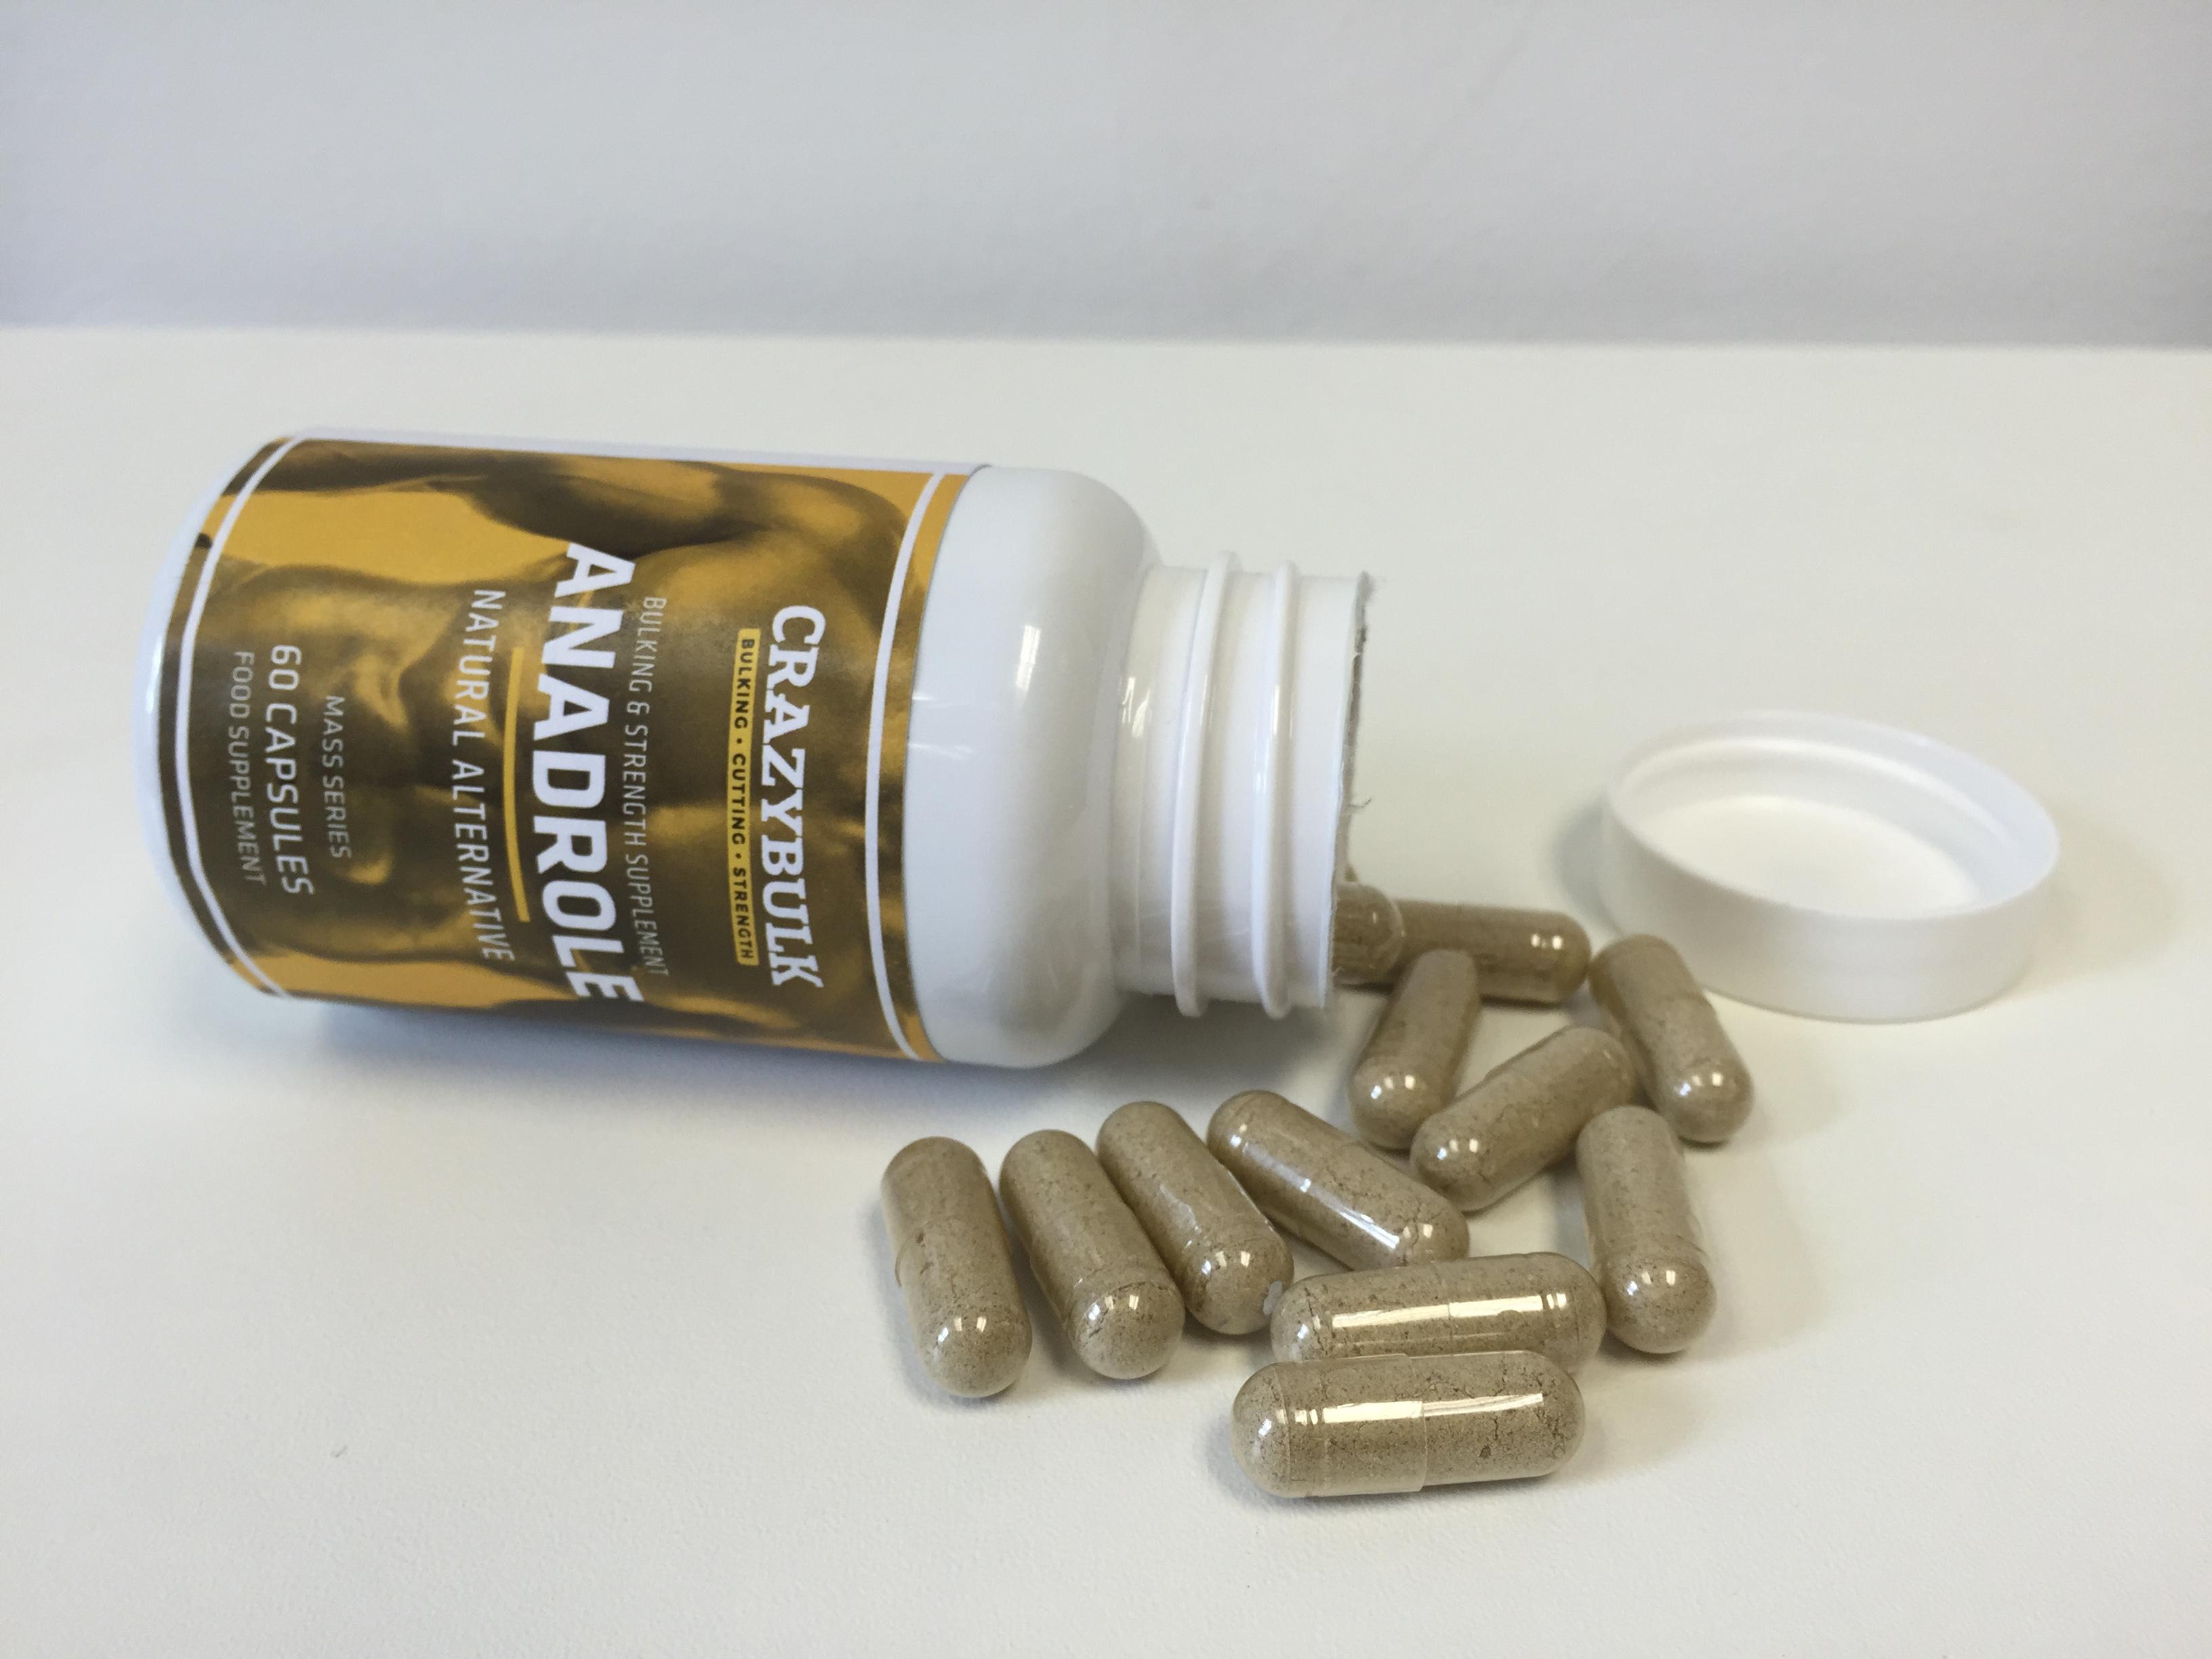 Crazy bulk - Anadrole